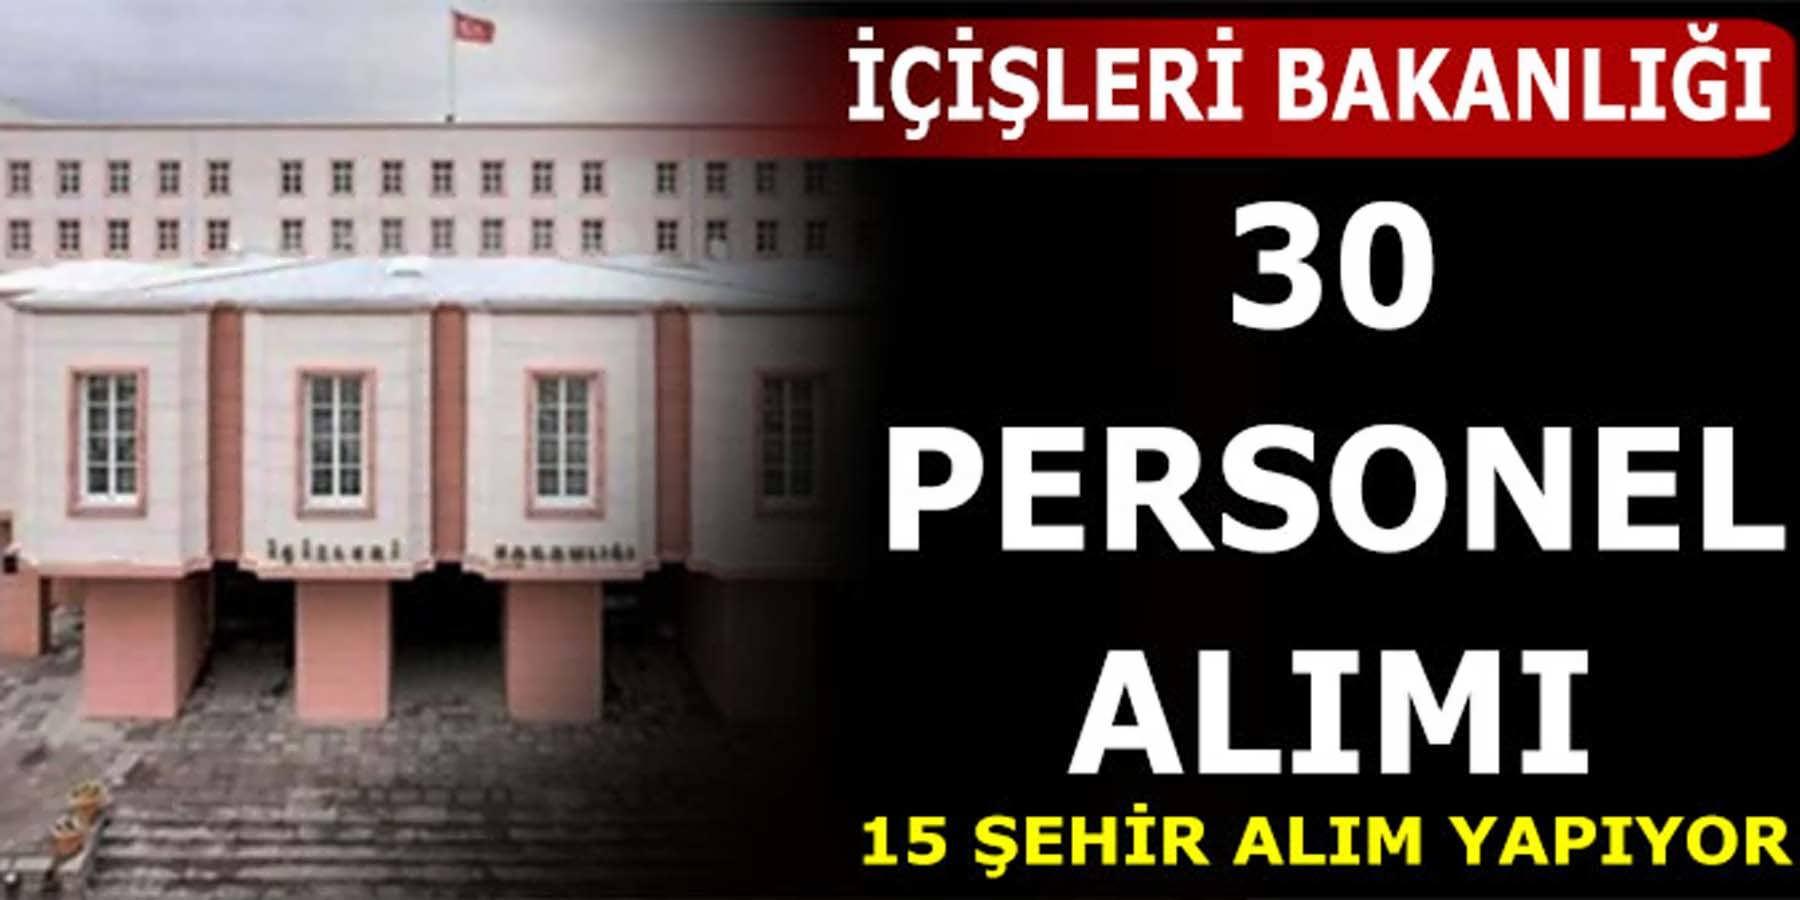 İçişleri Bakanlığı 15 Şehir 30 Avukat Alımı